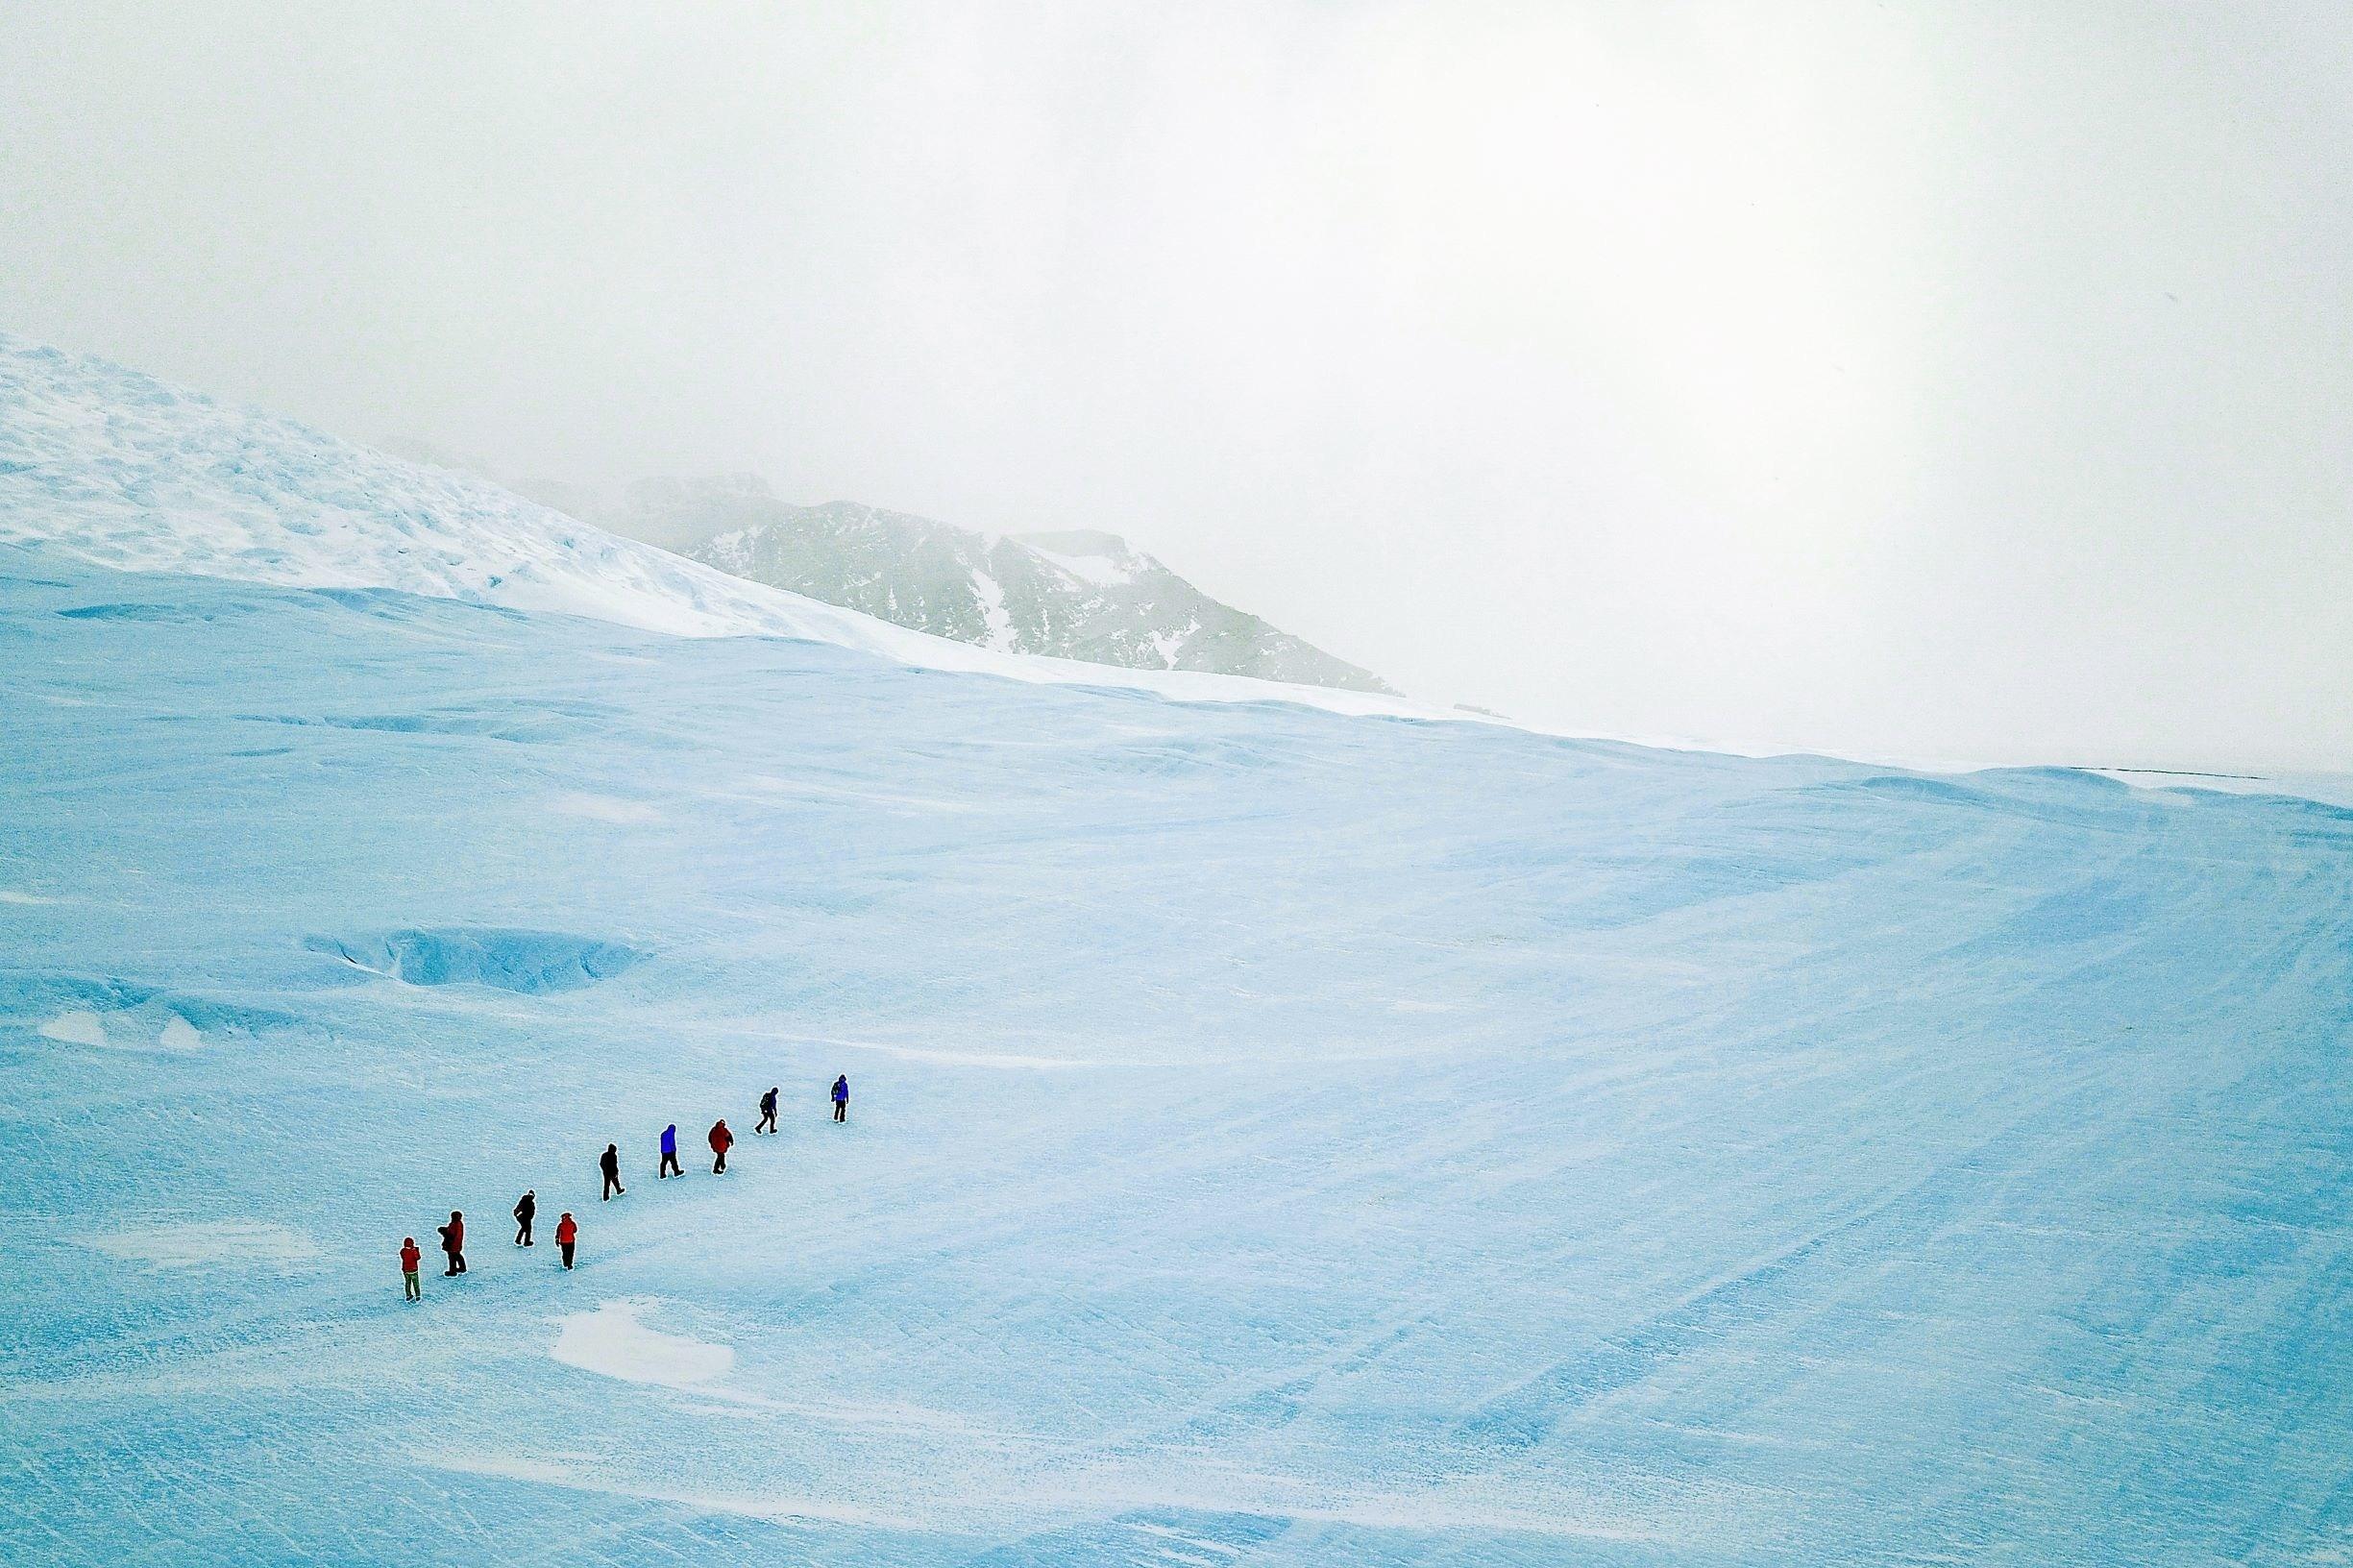 Navidad en la Antártida: buscan cinco voluntarios para unirse a expedición científica